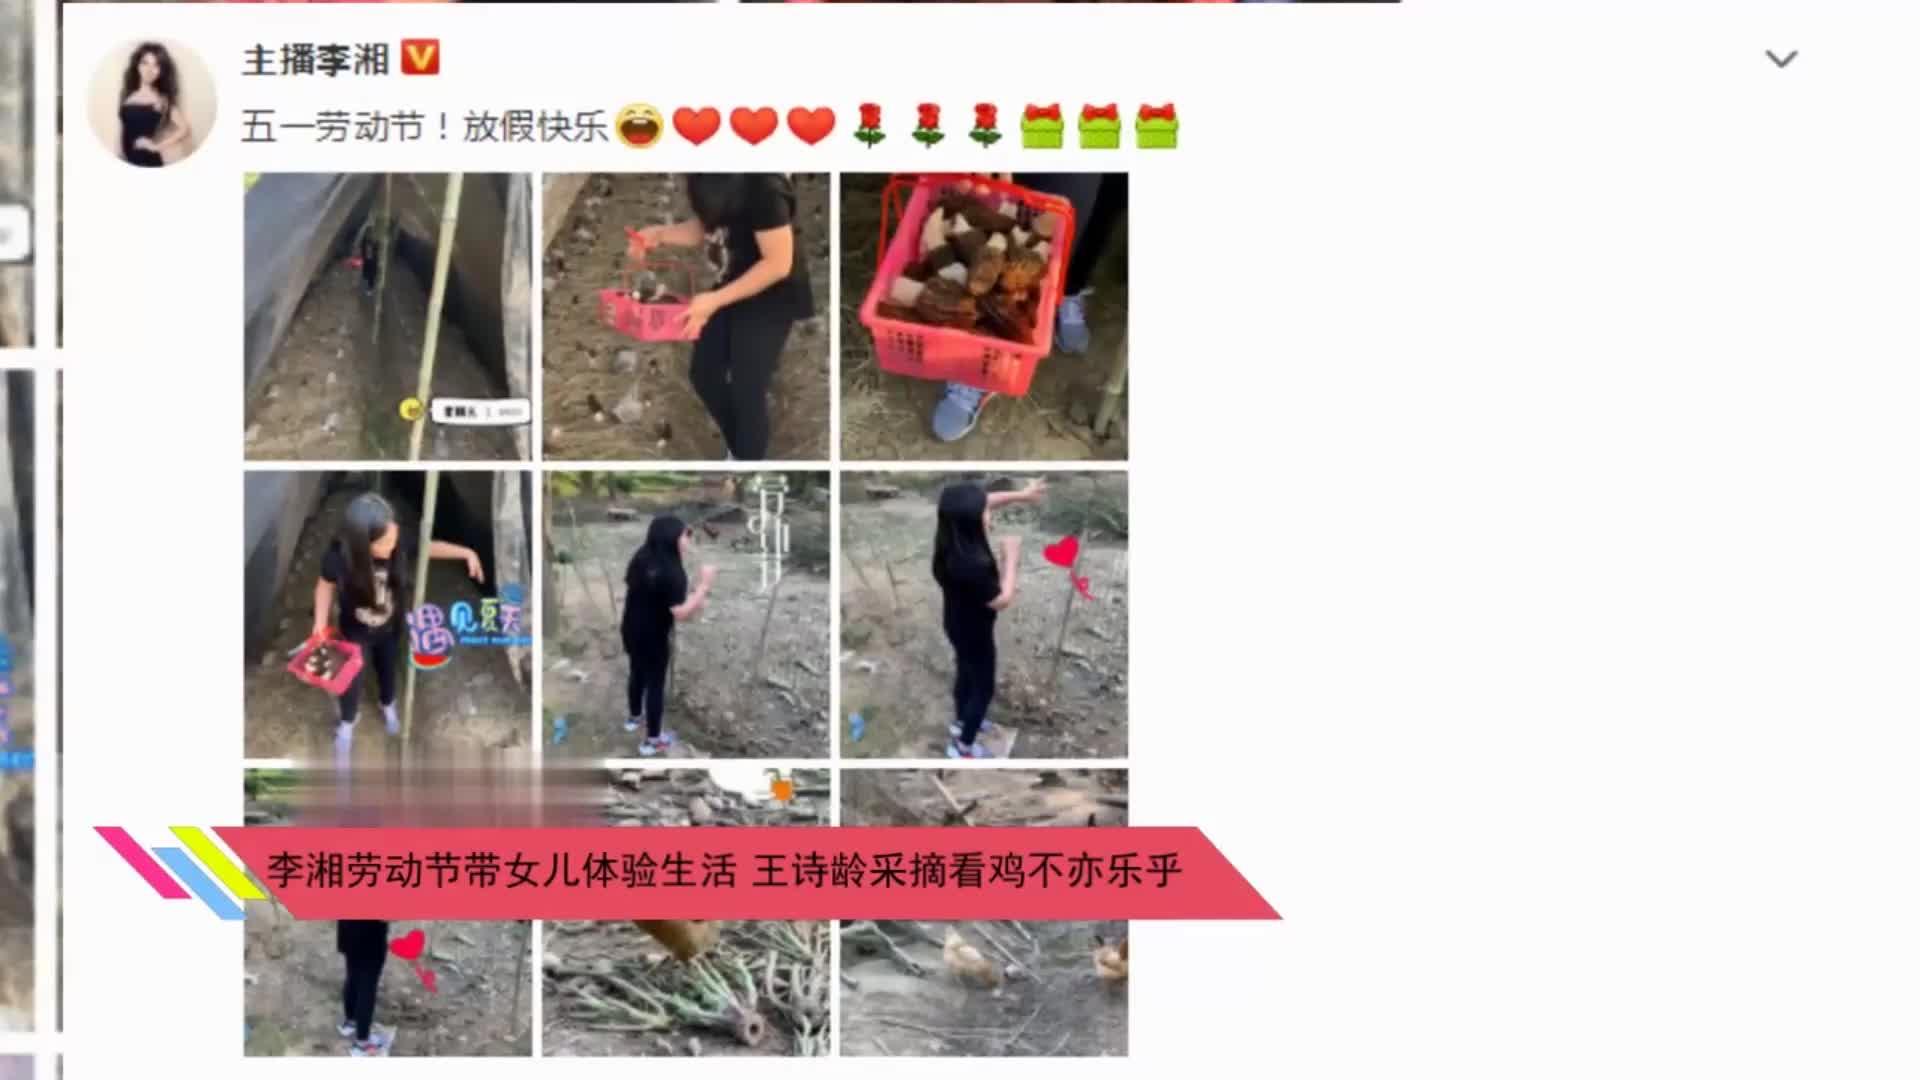 李湘劳动节带女儿体验生活王诗龄采摘看鸡不亦乐乎